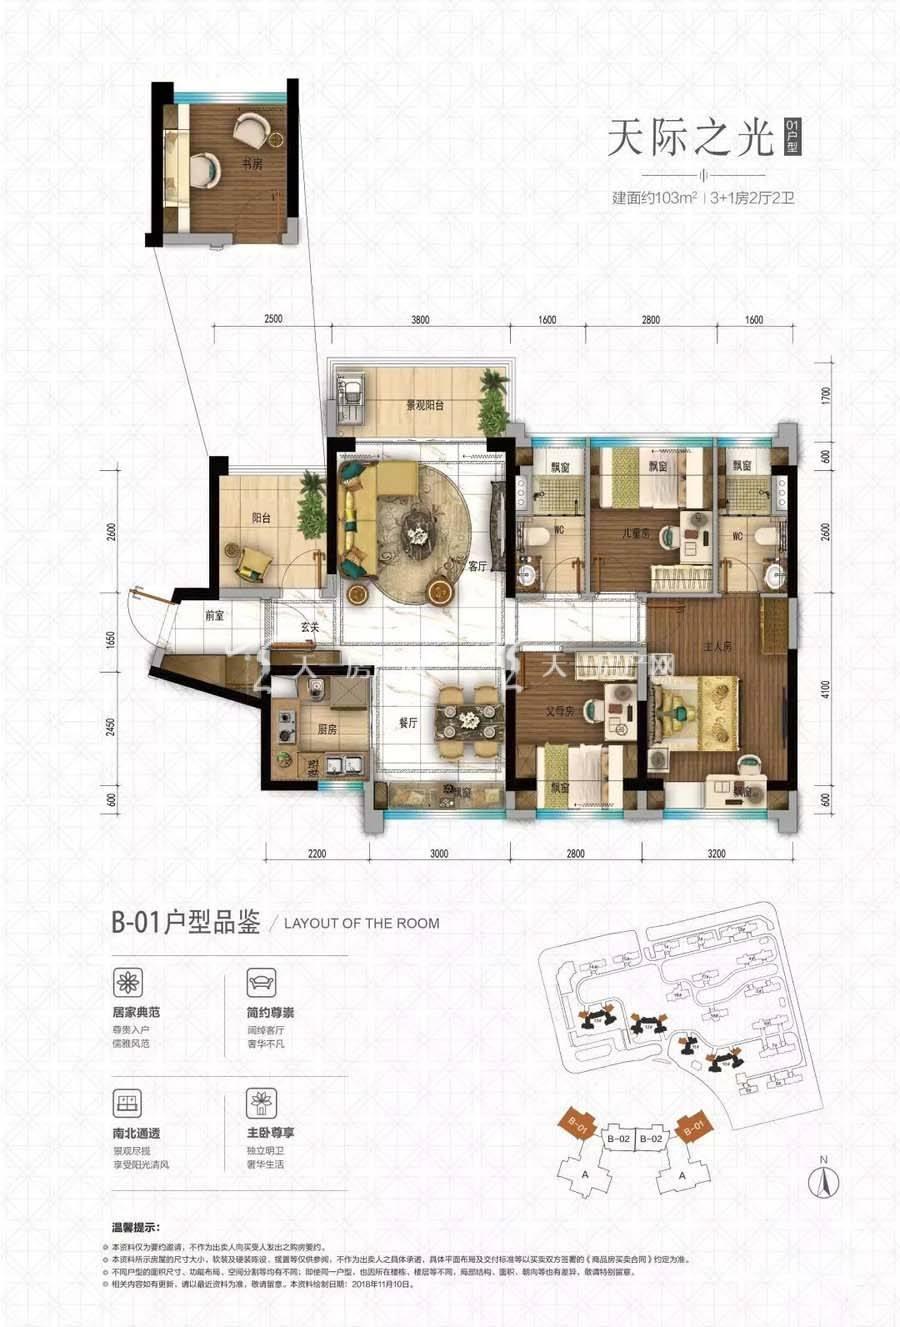 碧桂园华发滨海天际B-01户型/4室2厅2卫/建筑面积:约103㎡